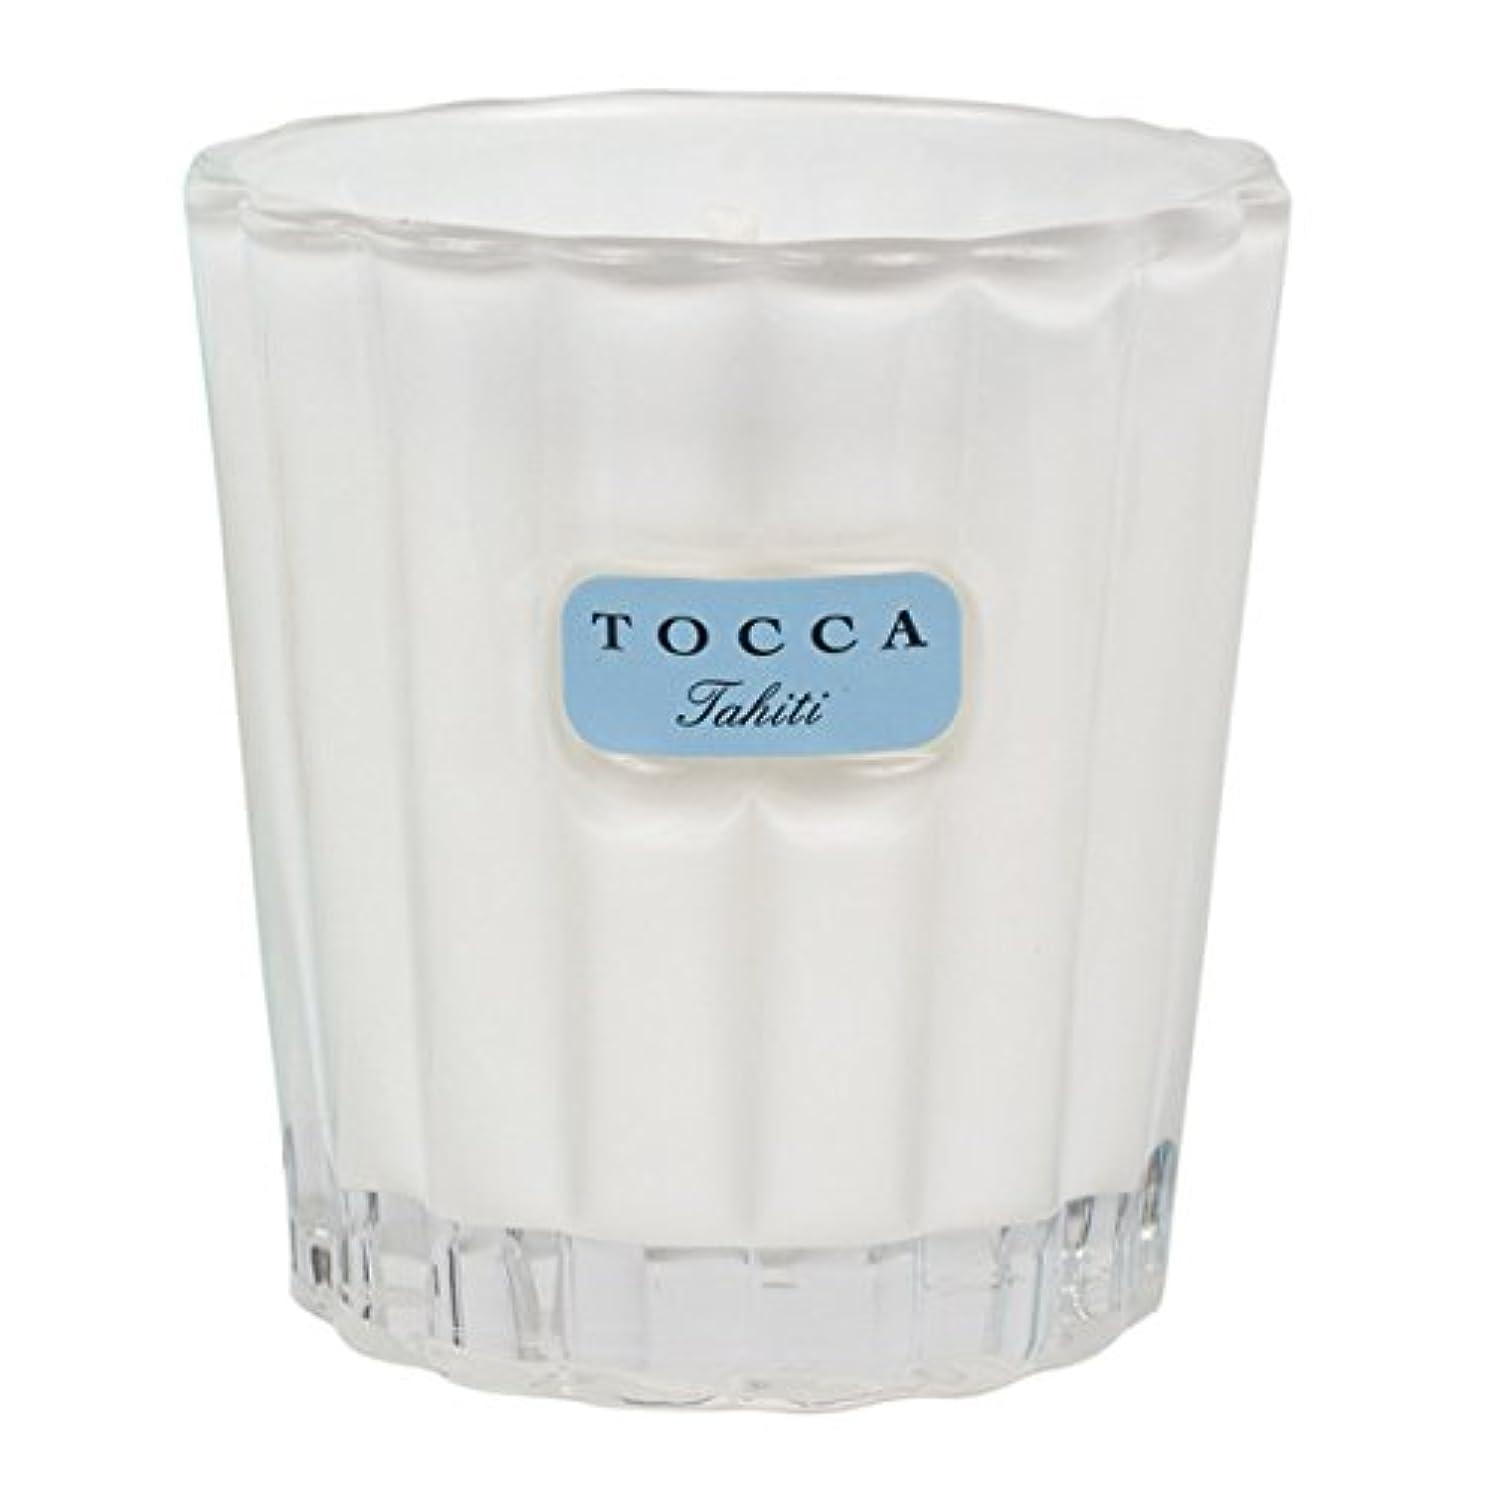 切断する微妙四回【TOCCA(トッカ)】フレグランス キャンドル 88g (タヒチ4340)